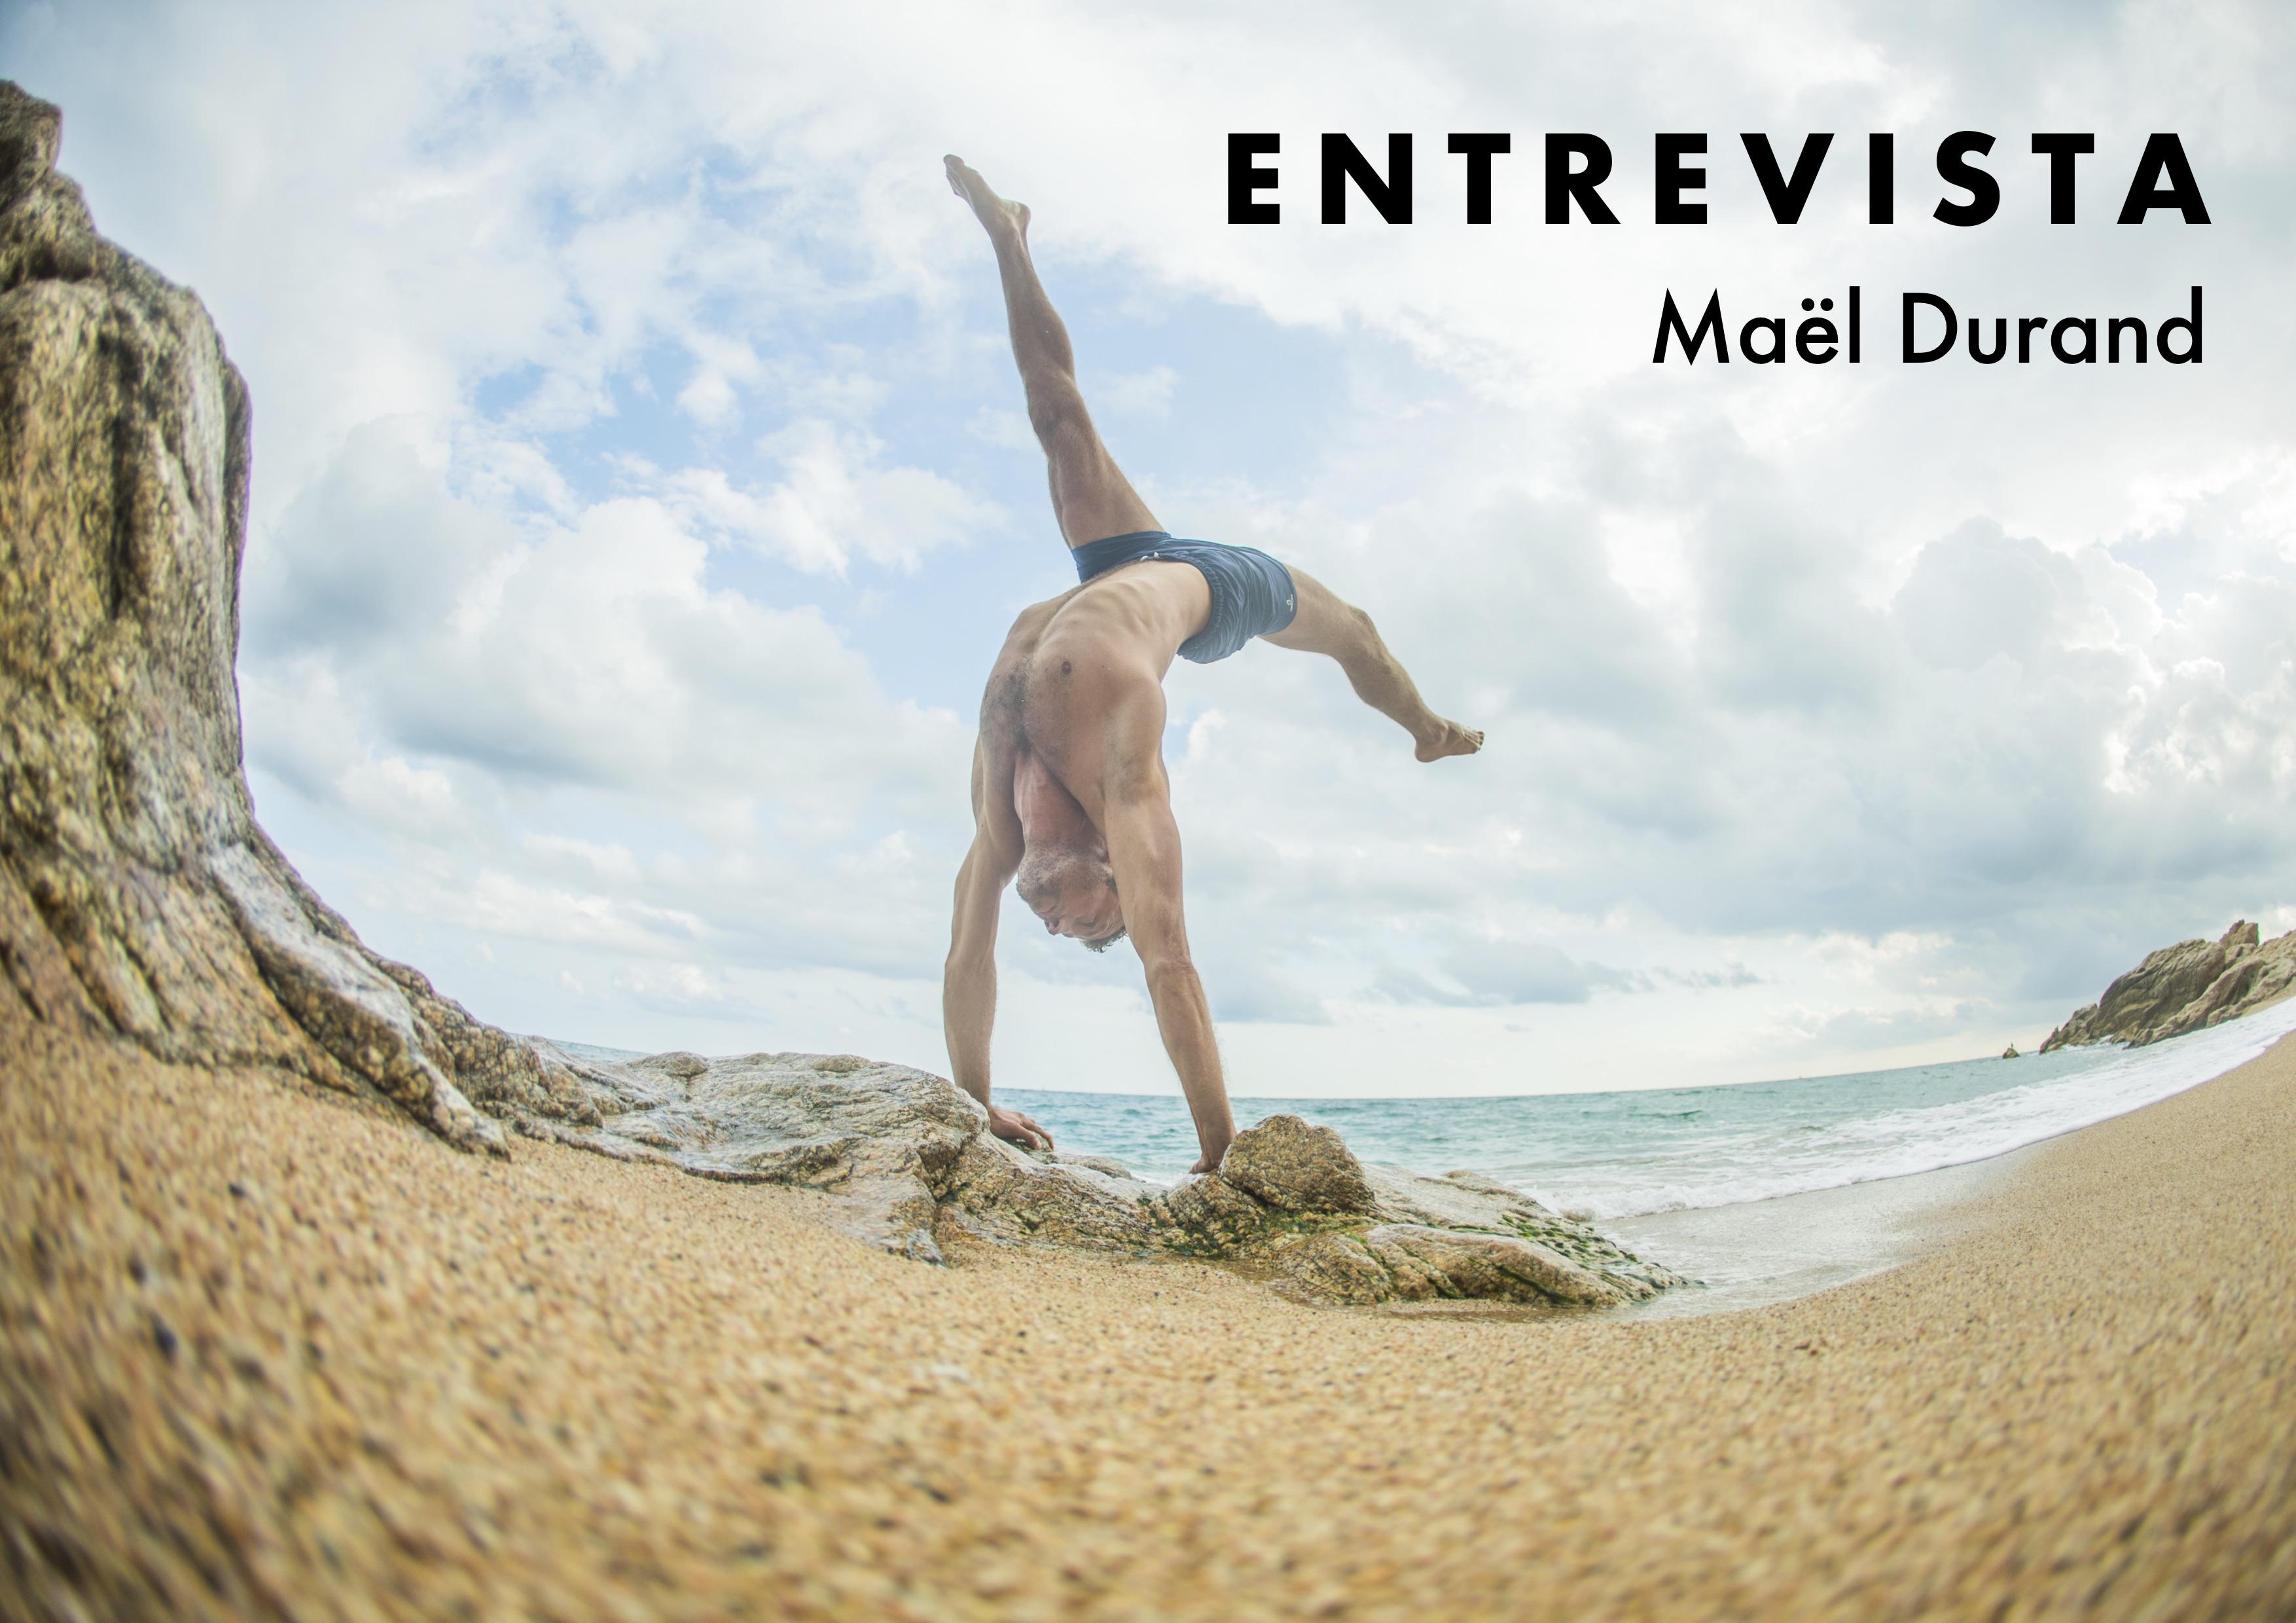 Moviment I Acrobàcia Amb Maël Durand | Obrador De Moviments